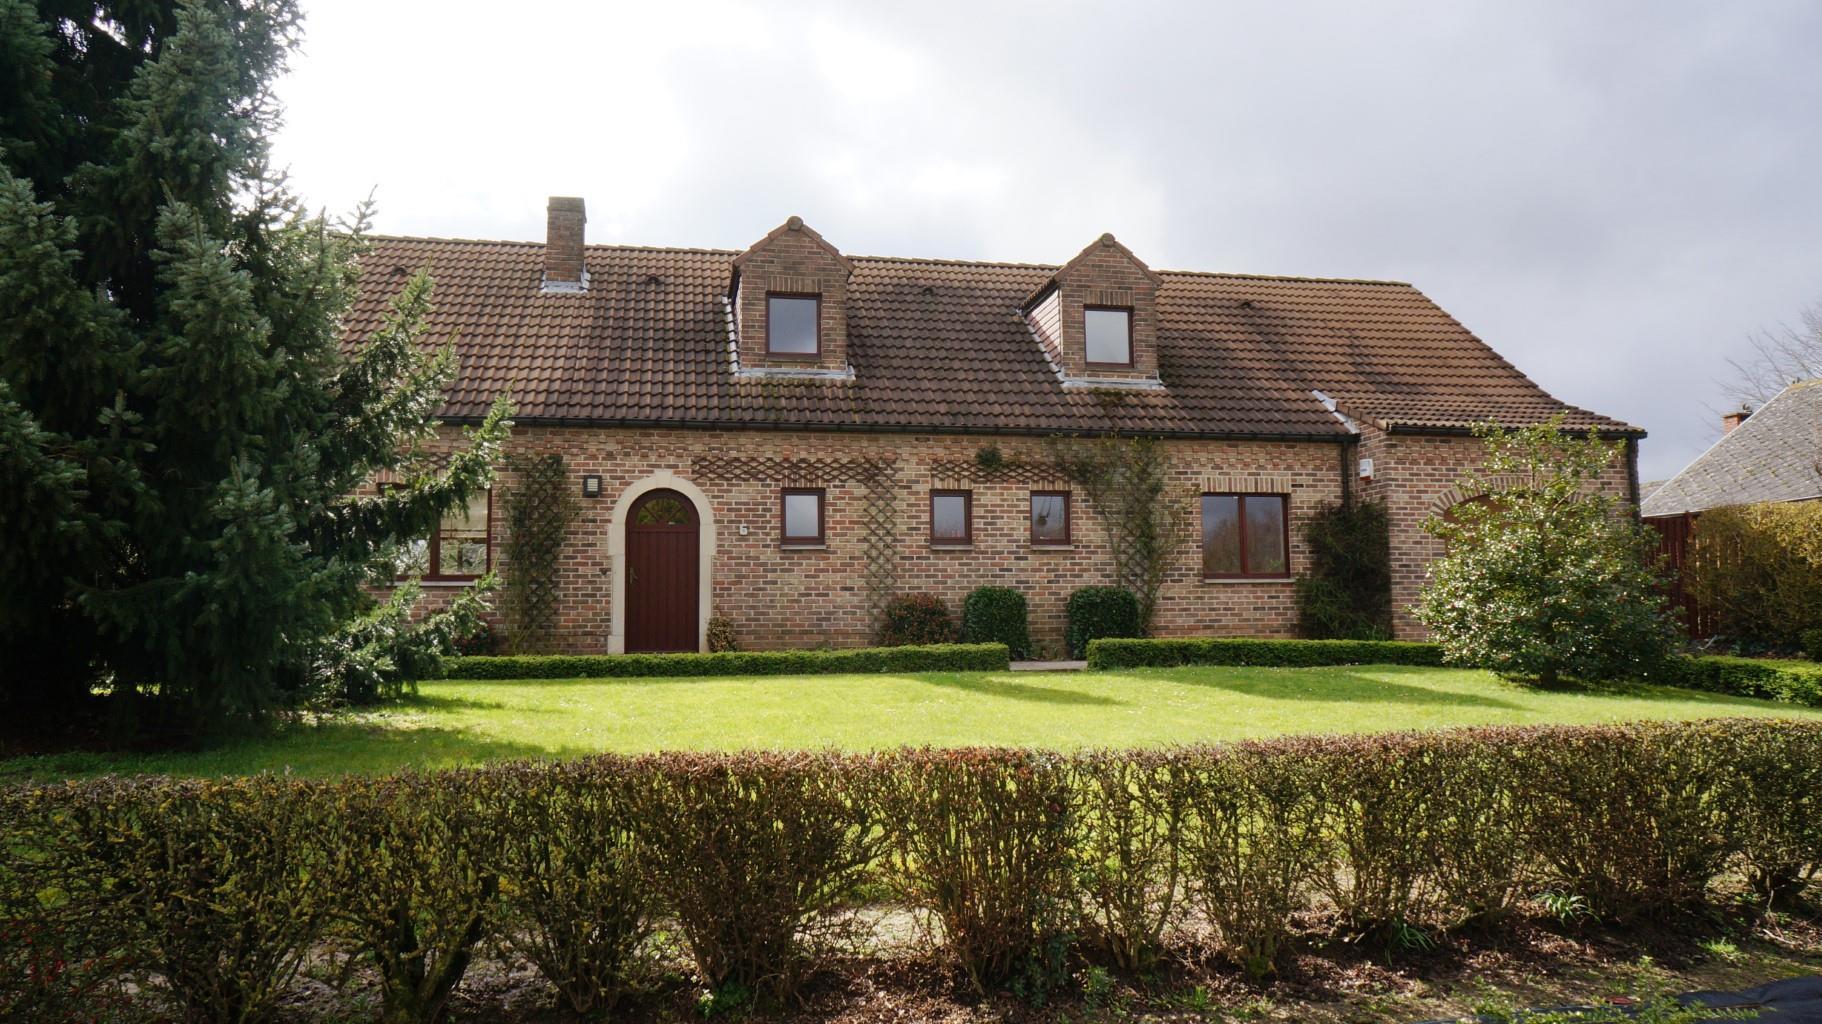 Maison - Perwez Thorembais-Saint-Trond - #4027352-20